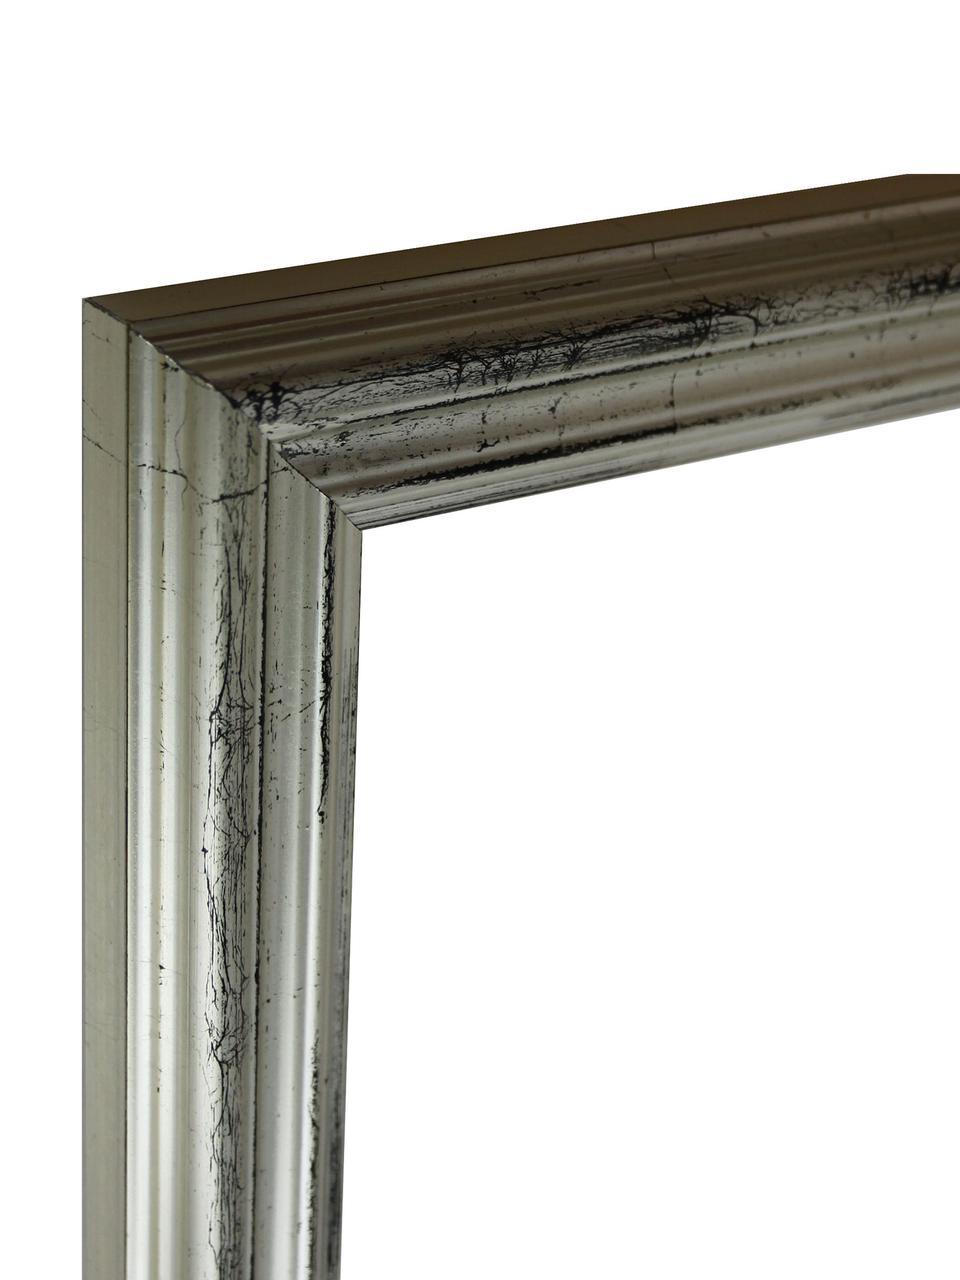 Gerahmter Digitaldruck L.A Dream, Bild: Digitaldruck, Rahmen: Holz, Front: Plexiglas, Bild: Schwarz, WeißRahmen: Silberfarben, 60 x 70 cm